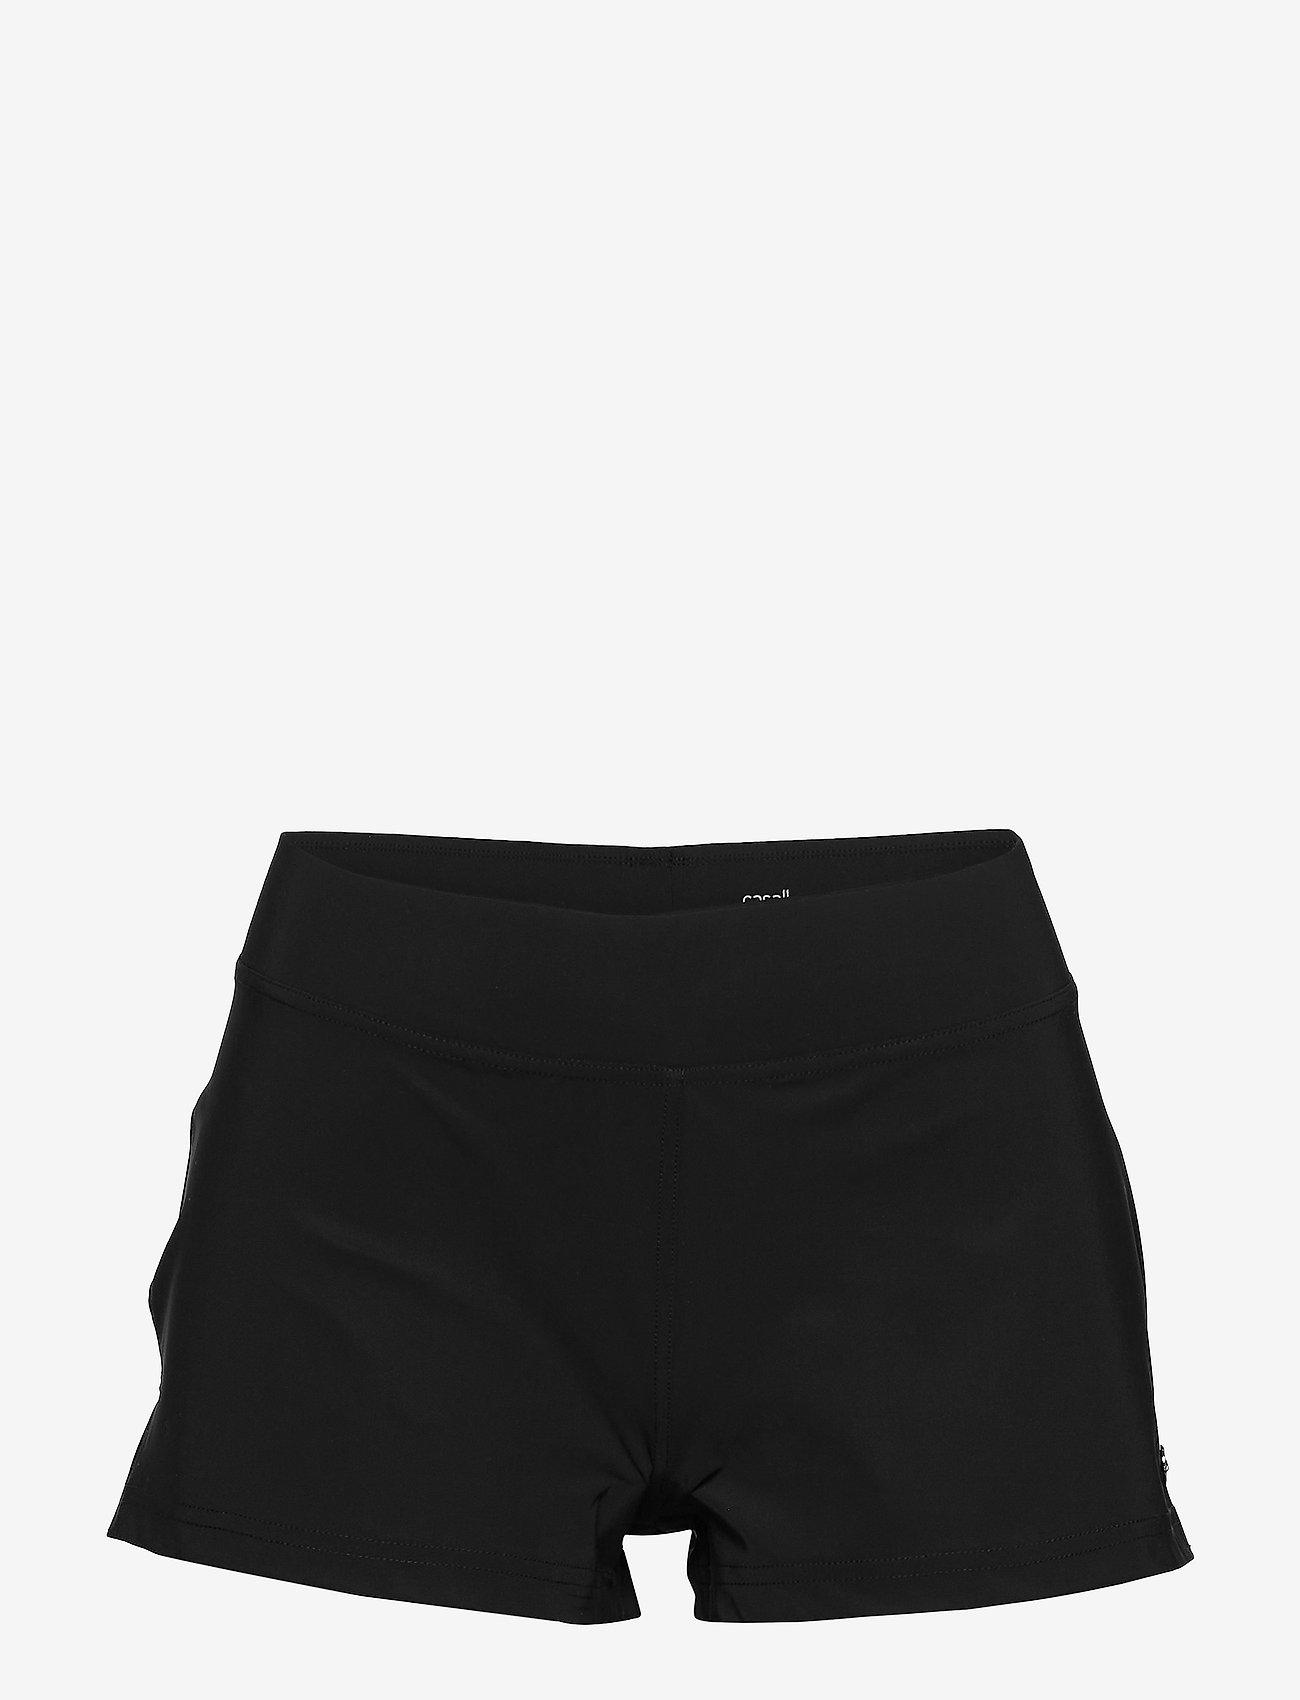 Casall - Summer Shorts - training shorts - black - 1